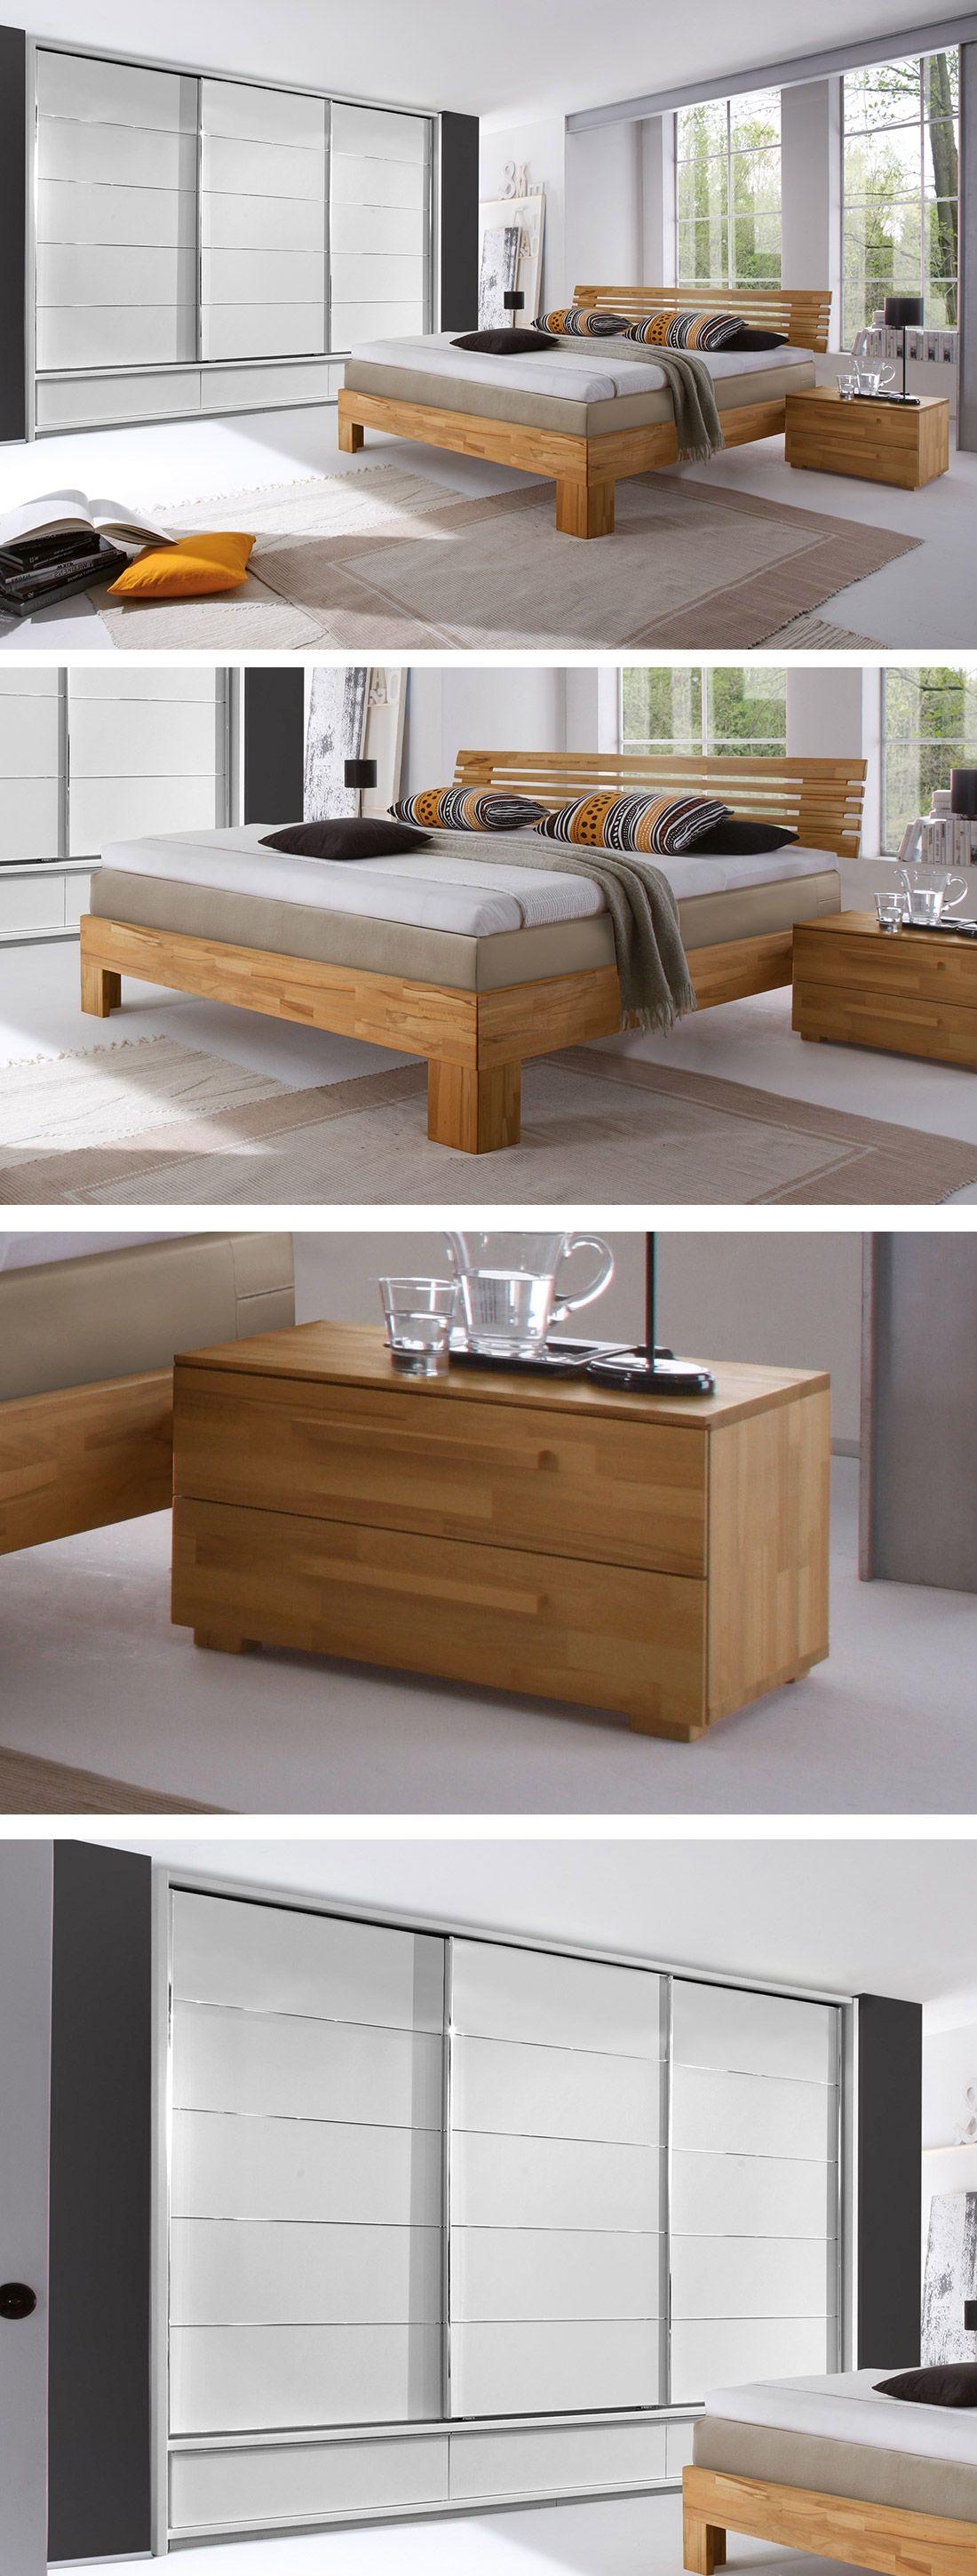 boxspring-schlafzimmer mit hochwertigen massivholzmöbeln. #massiv, Schlafzimmer entwurf